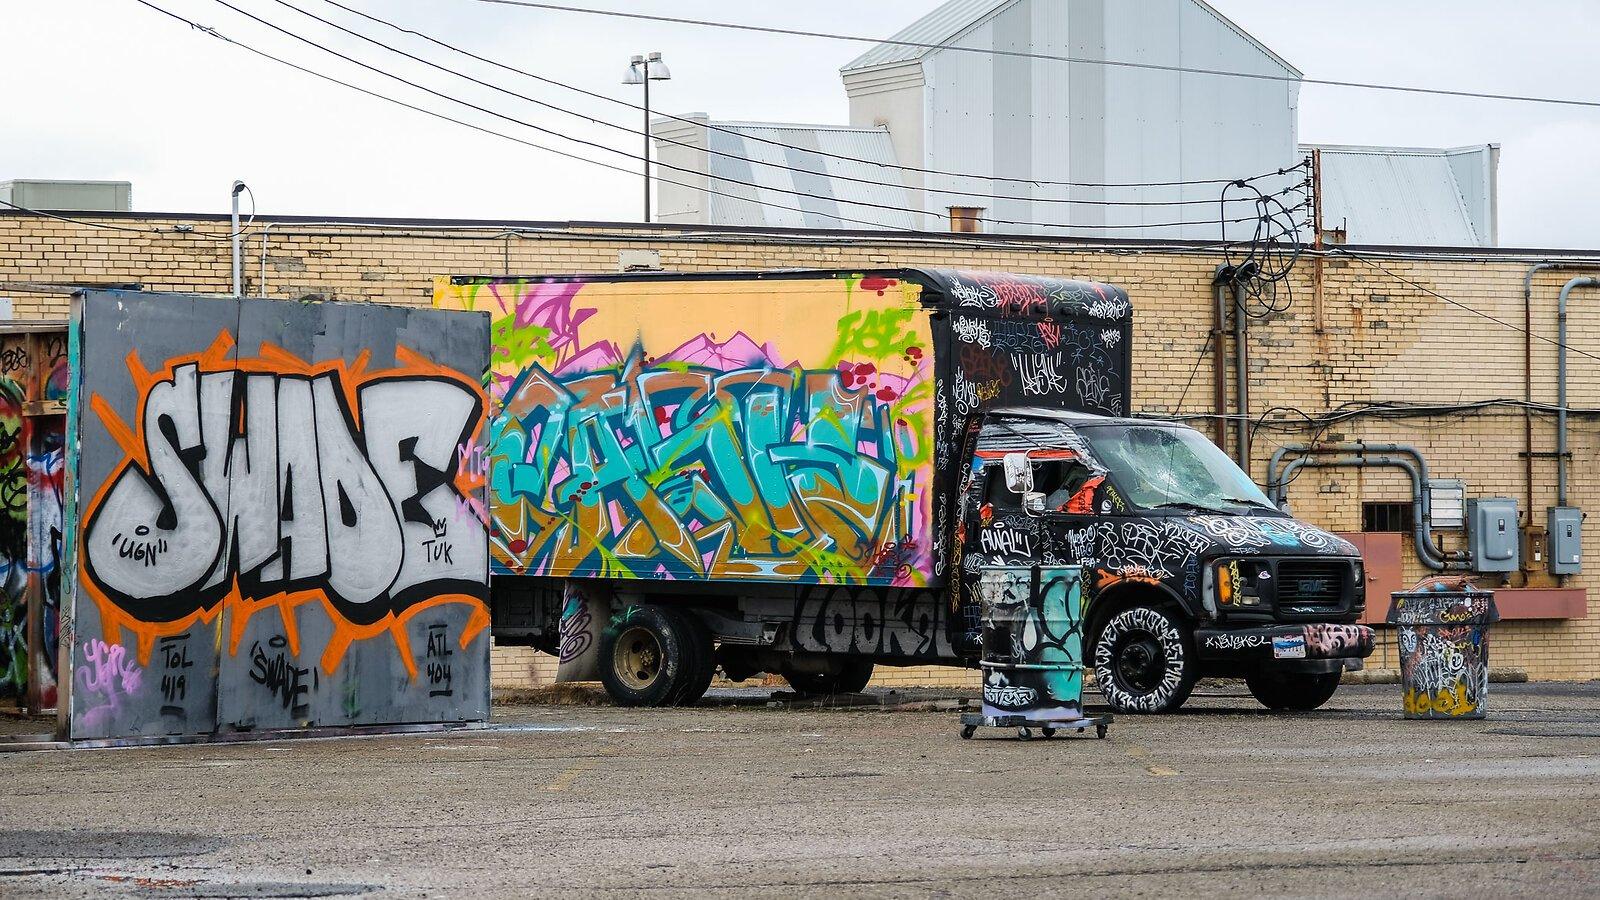 01-03-2021_graffiti_XT030454.jpg